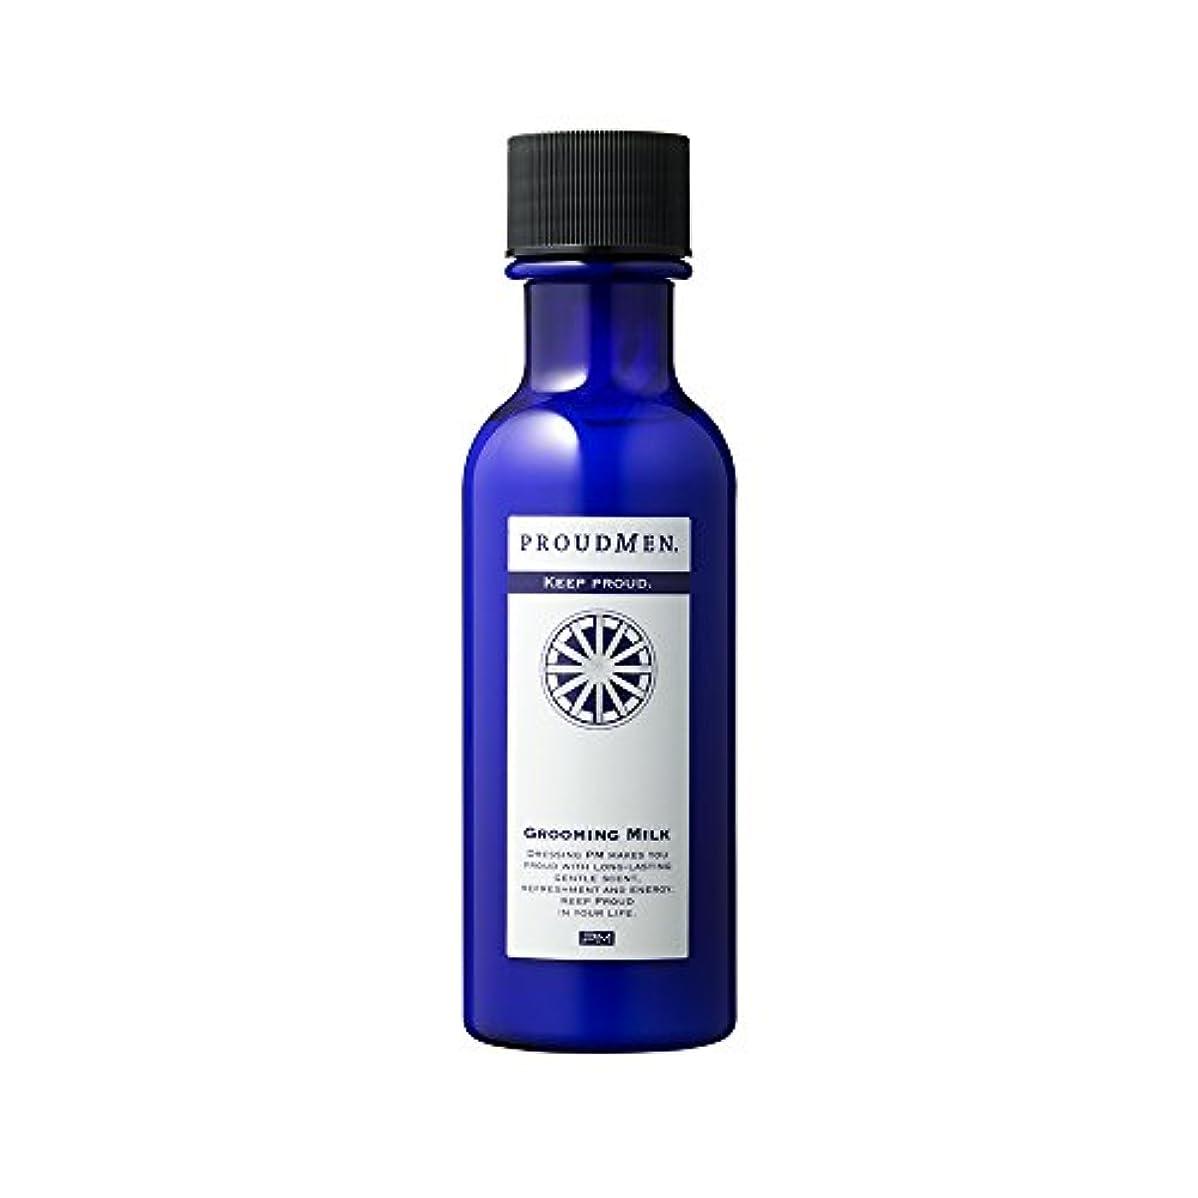 ビーム鰐アルミニウムプラウドメン グルーミングミルク 100ml 化粧水 メンズ アフターシェーブ